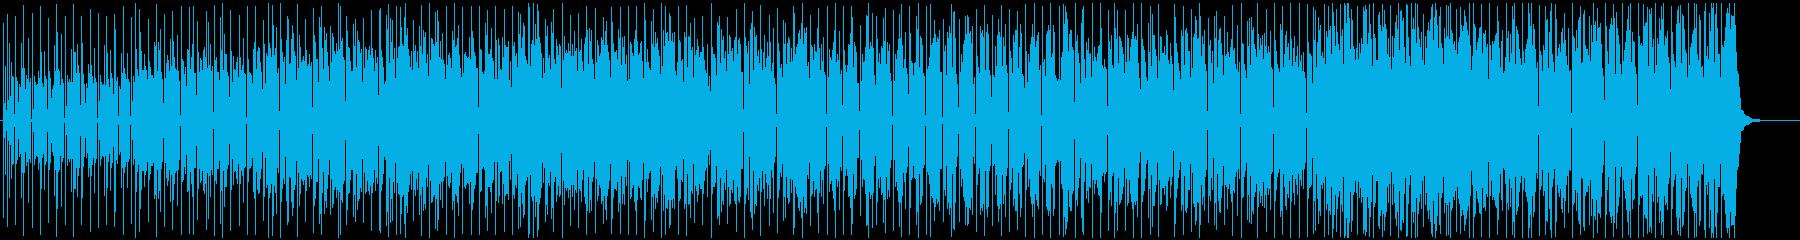 憂いのある雰囲気のファンキーなポップスの再生済みの波形